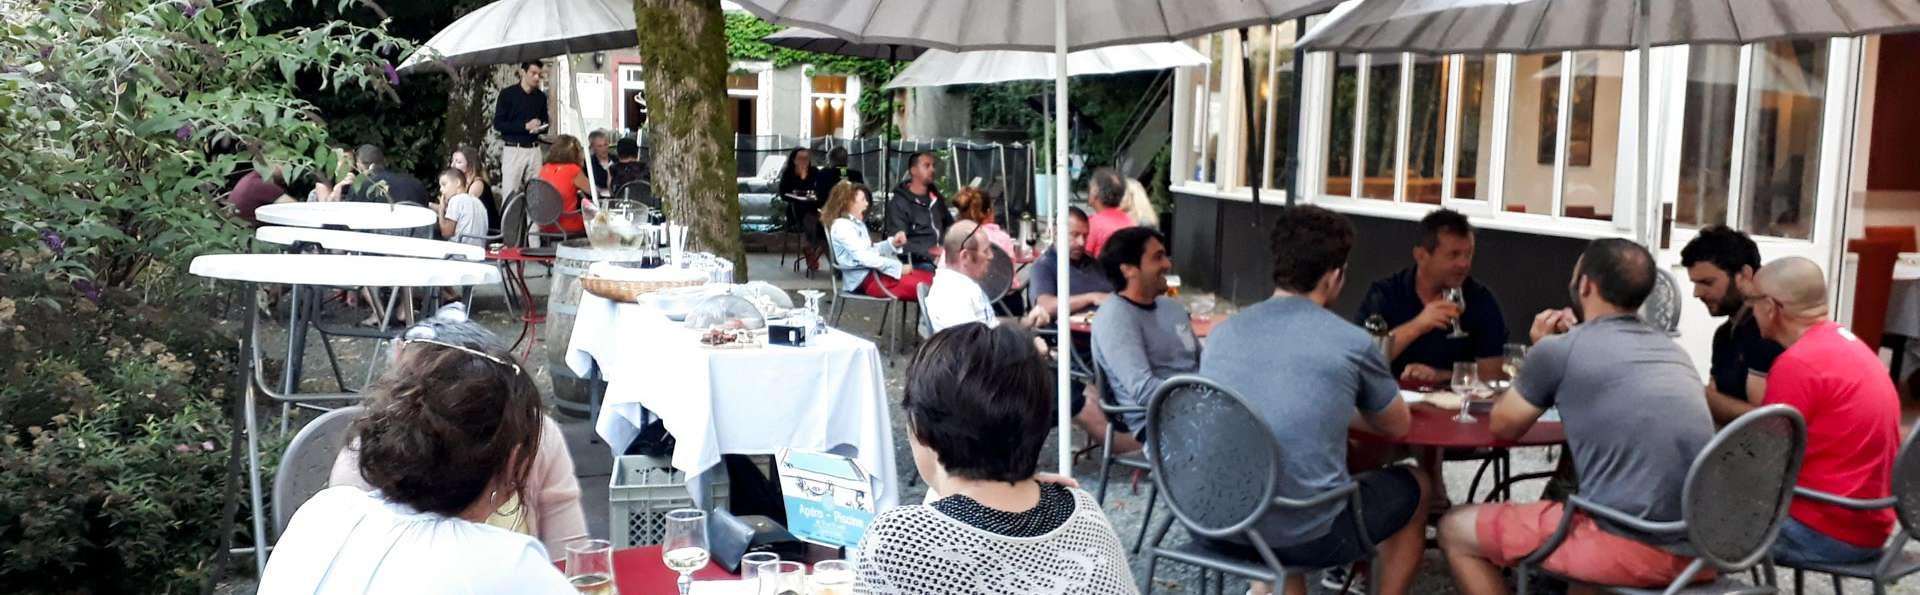 Séjour de charme avec dîner dans le Parc Naturel Régional du Haut Languedoc